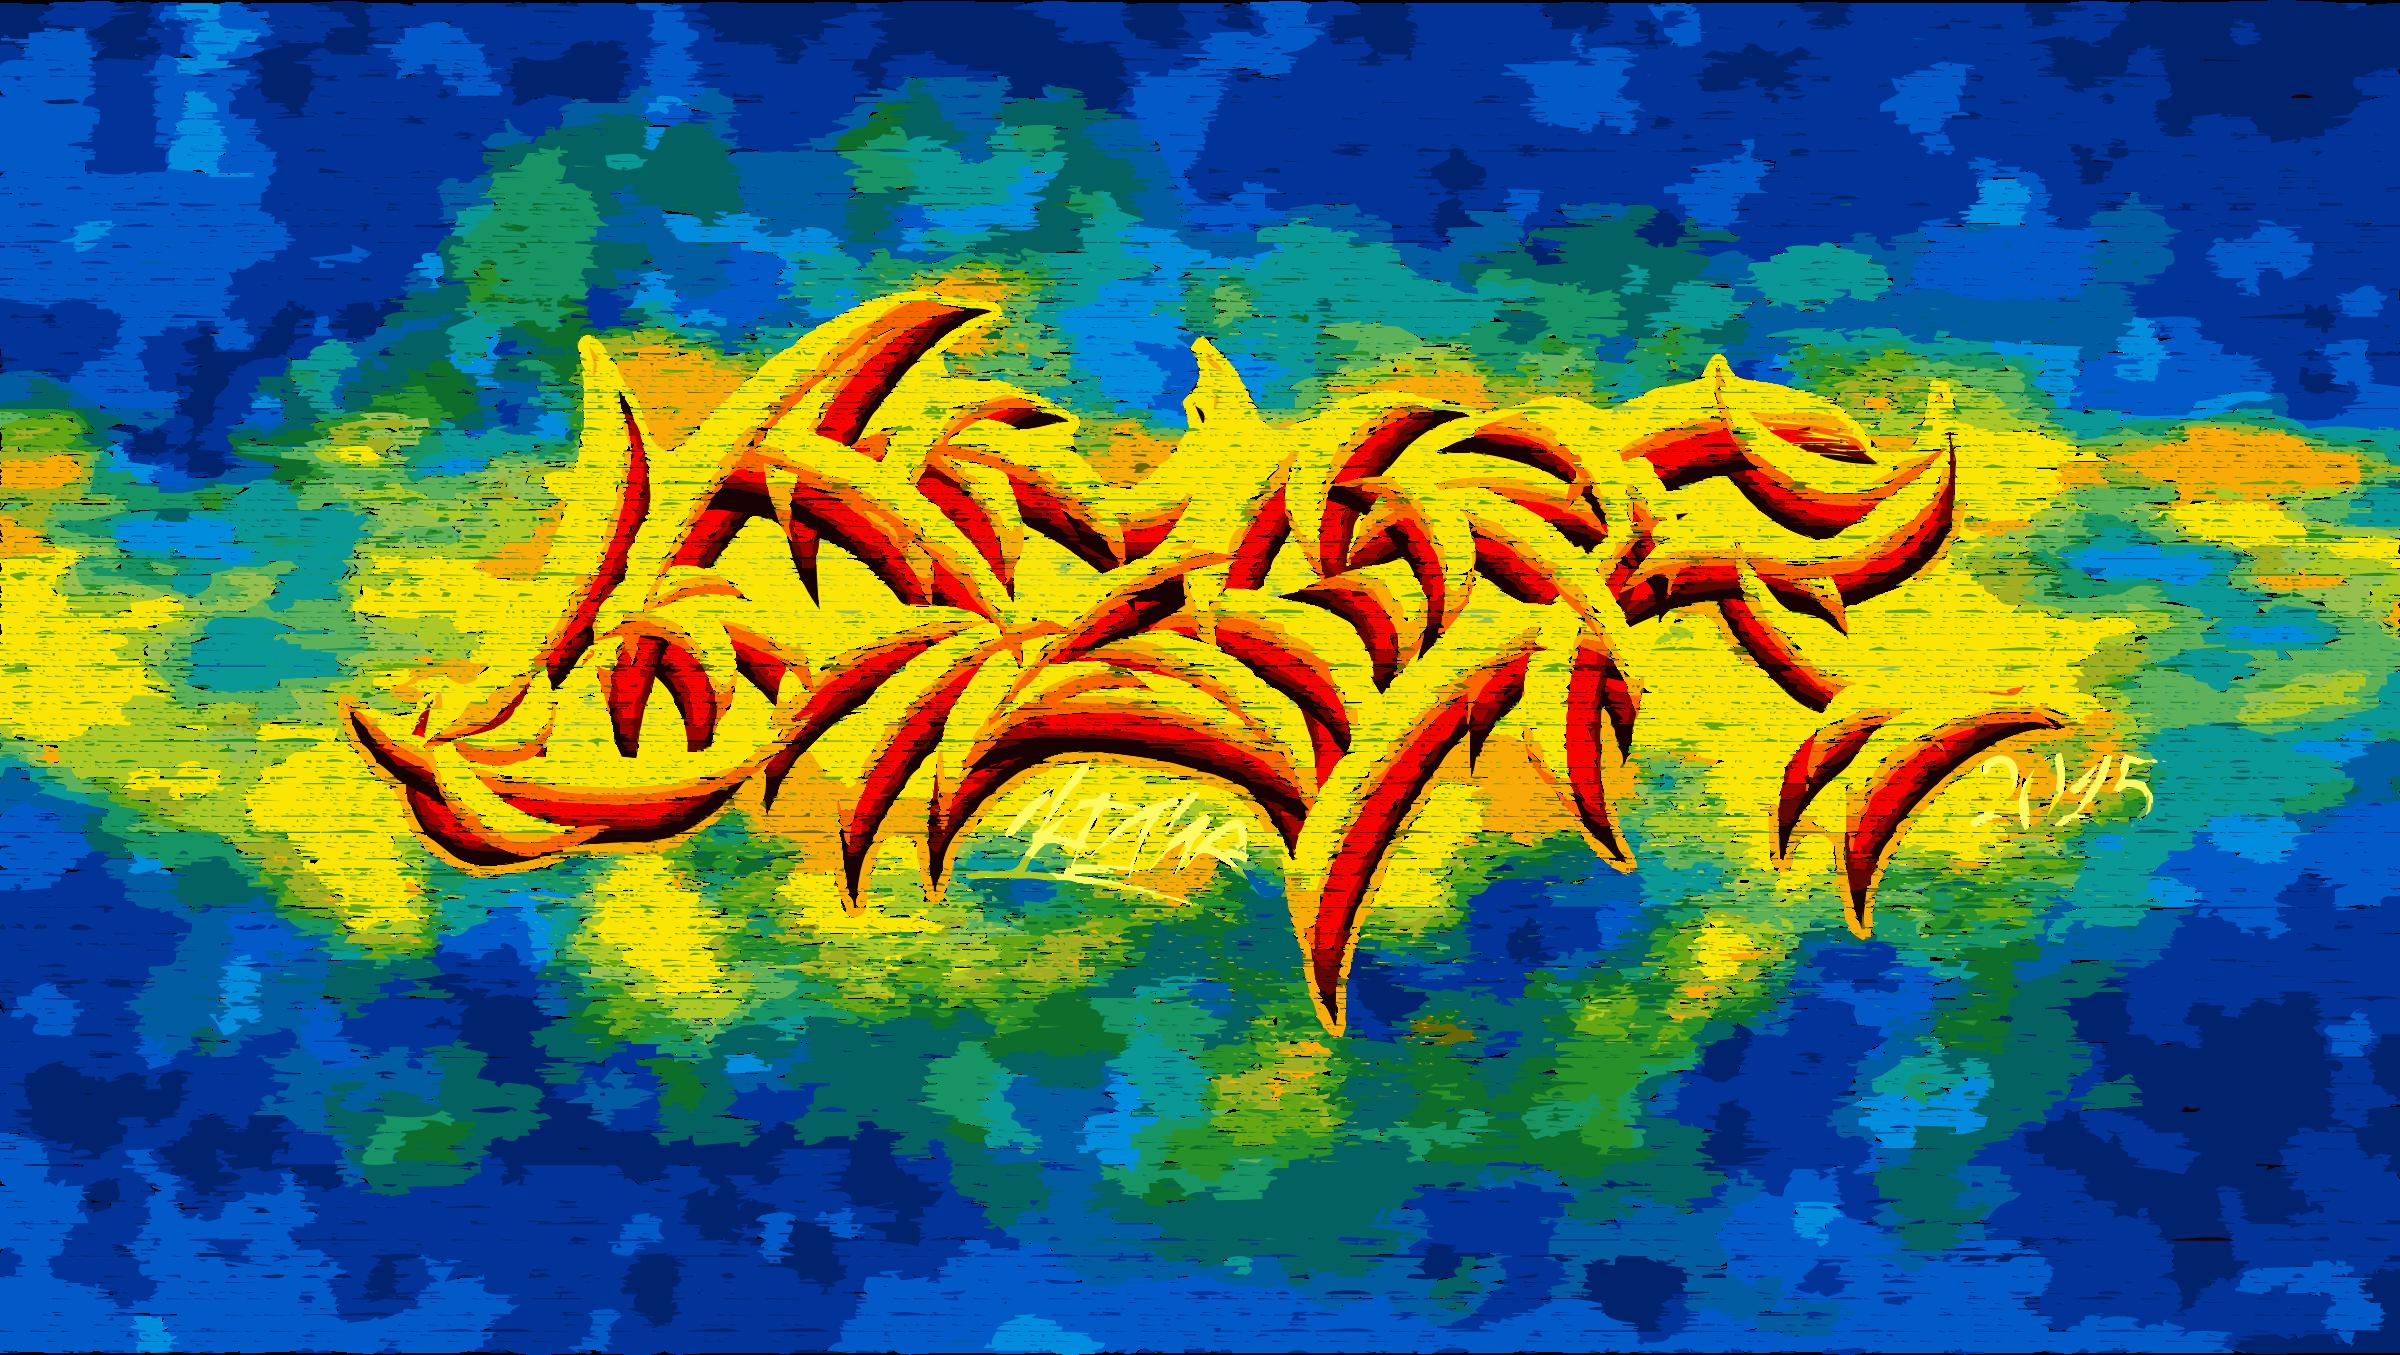 Cyanized sunset big image. Graffiti clipart blue